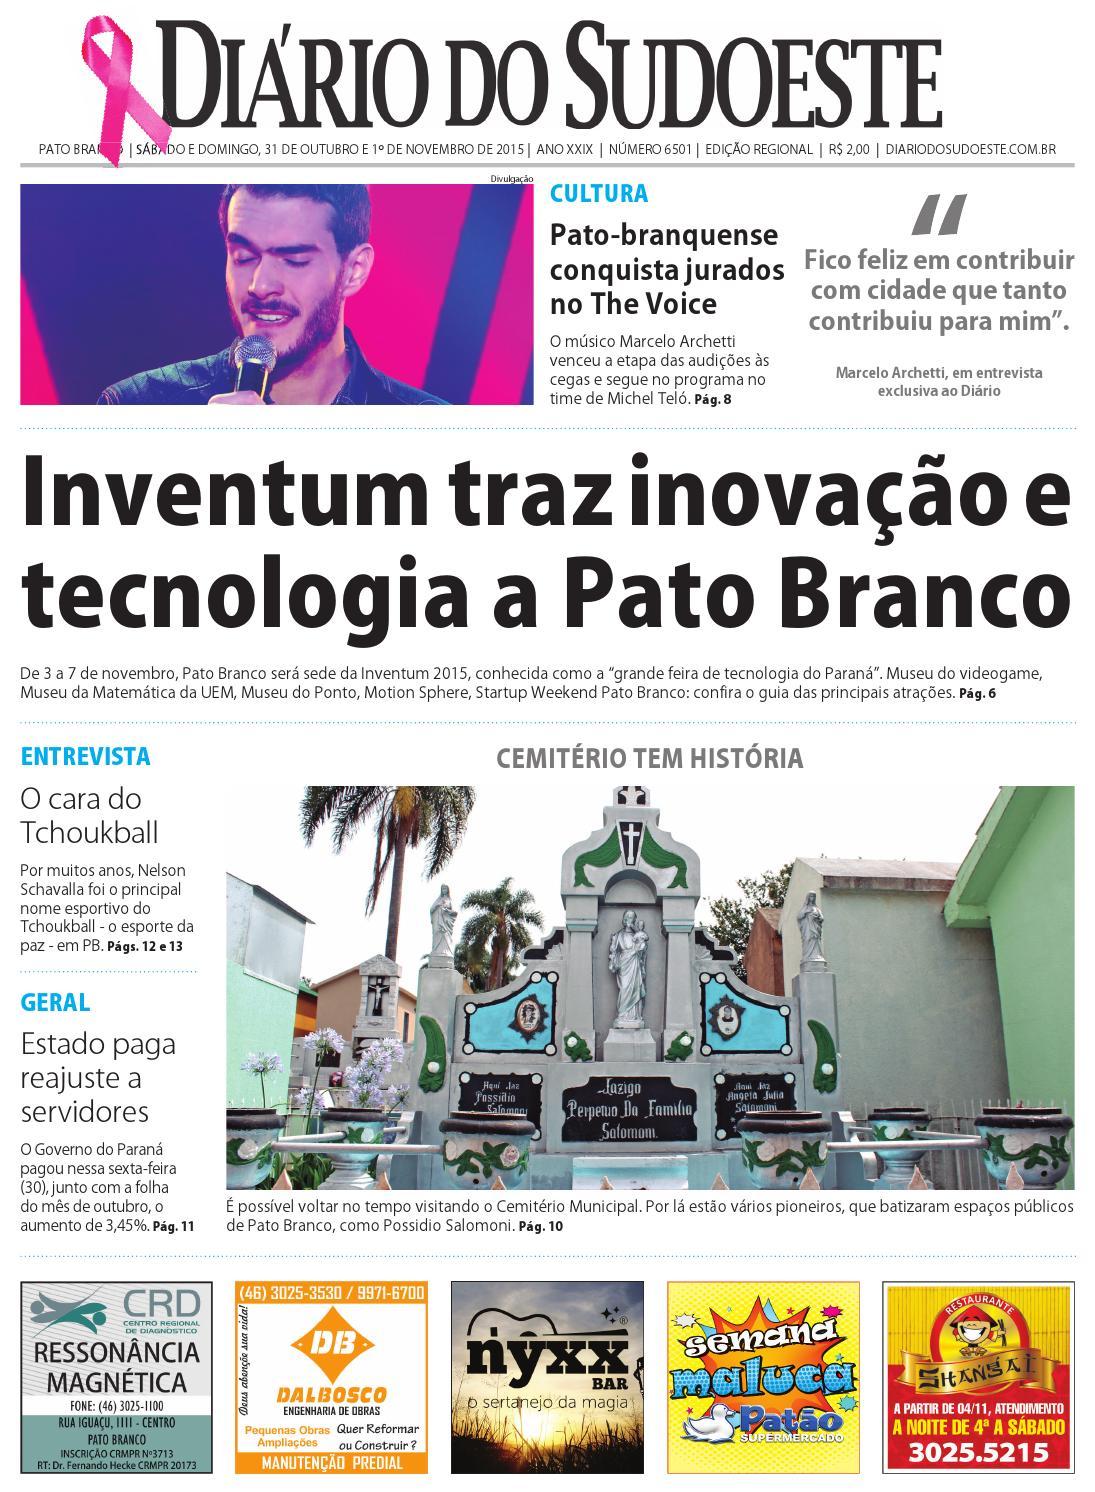 bdc8b50621ebb Diário do sudoeste 31 de outubro e 1 de novembro de 2015 ed 6501 by Diário  do Sudoeste - issuu